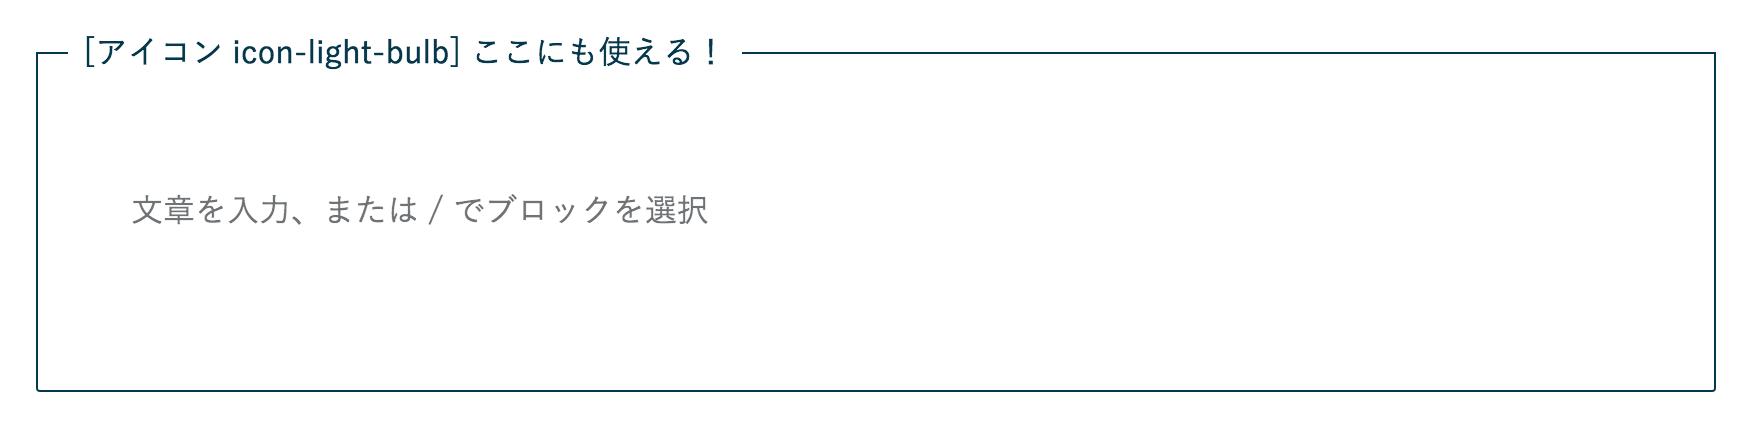 アイコン使用例2